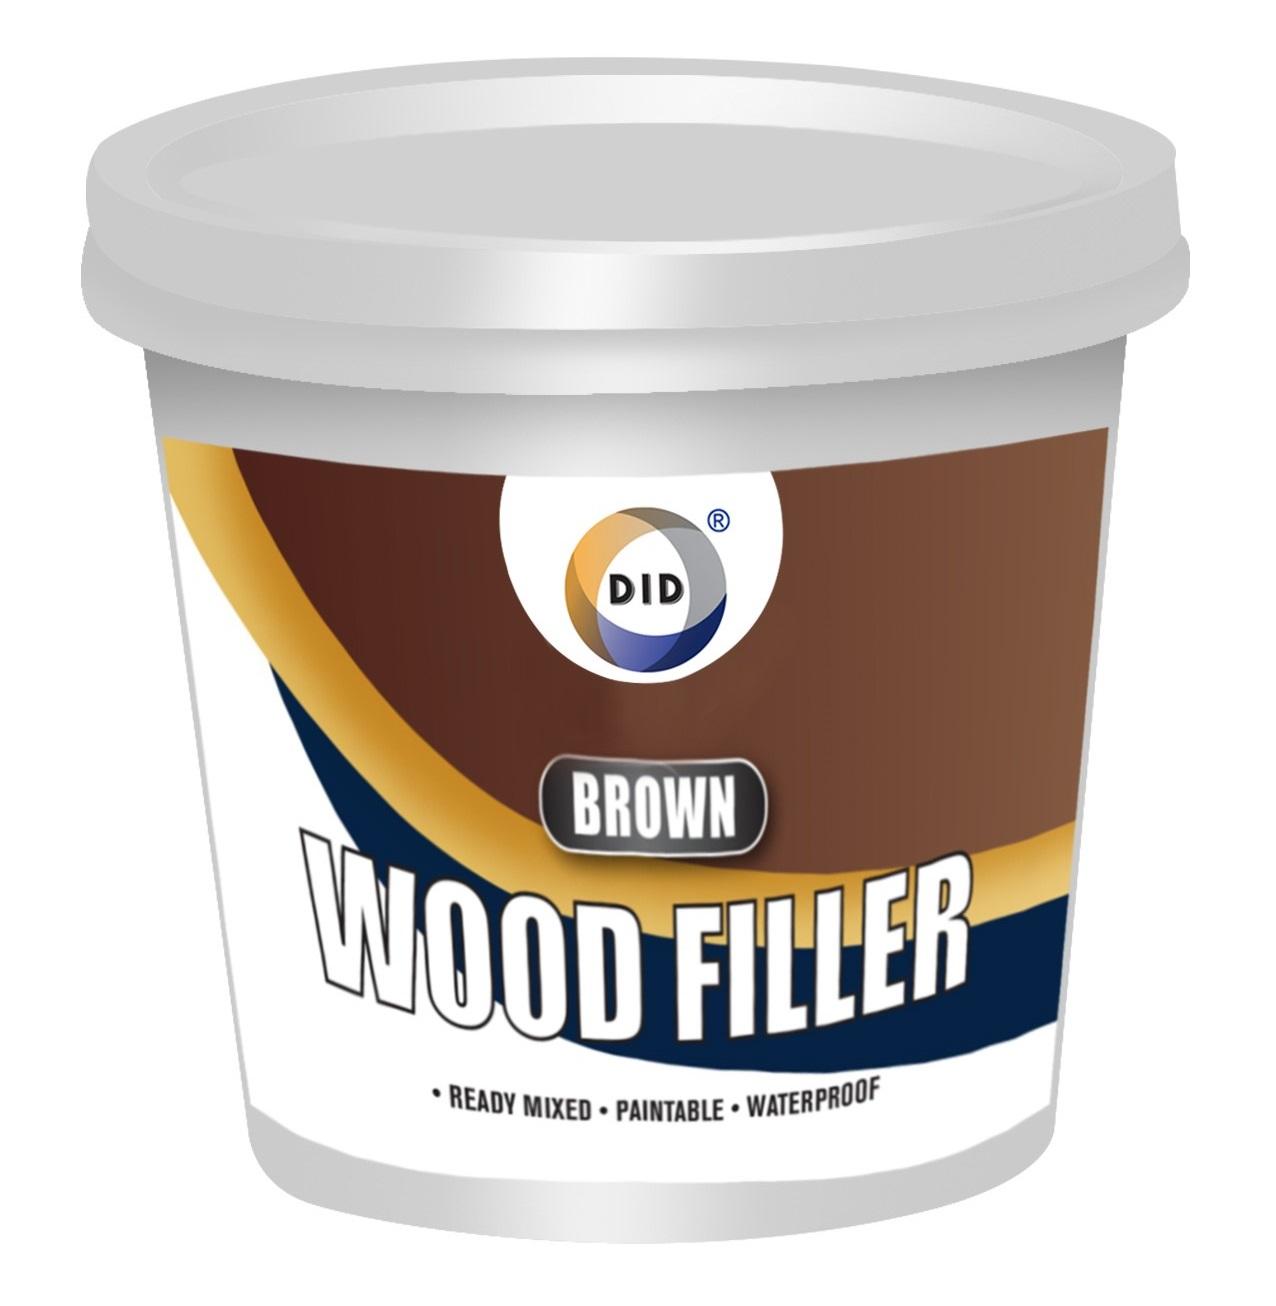 Brown wood filler